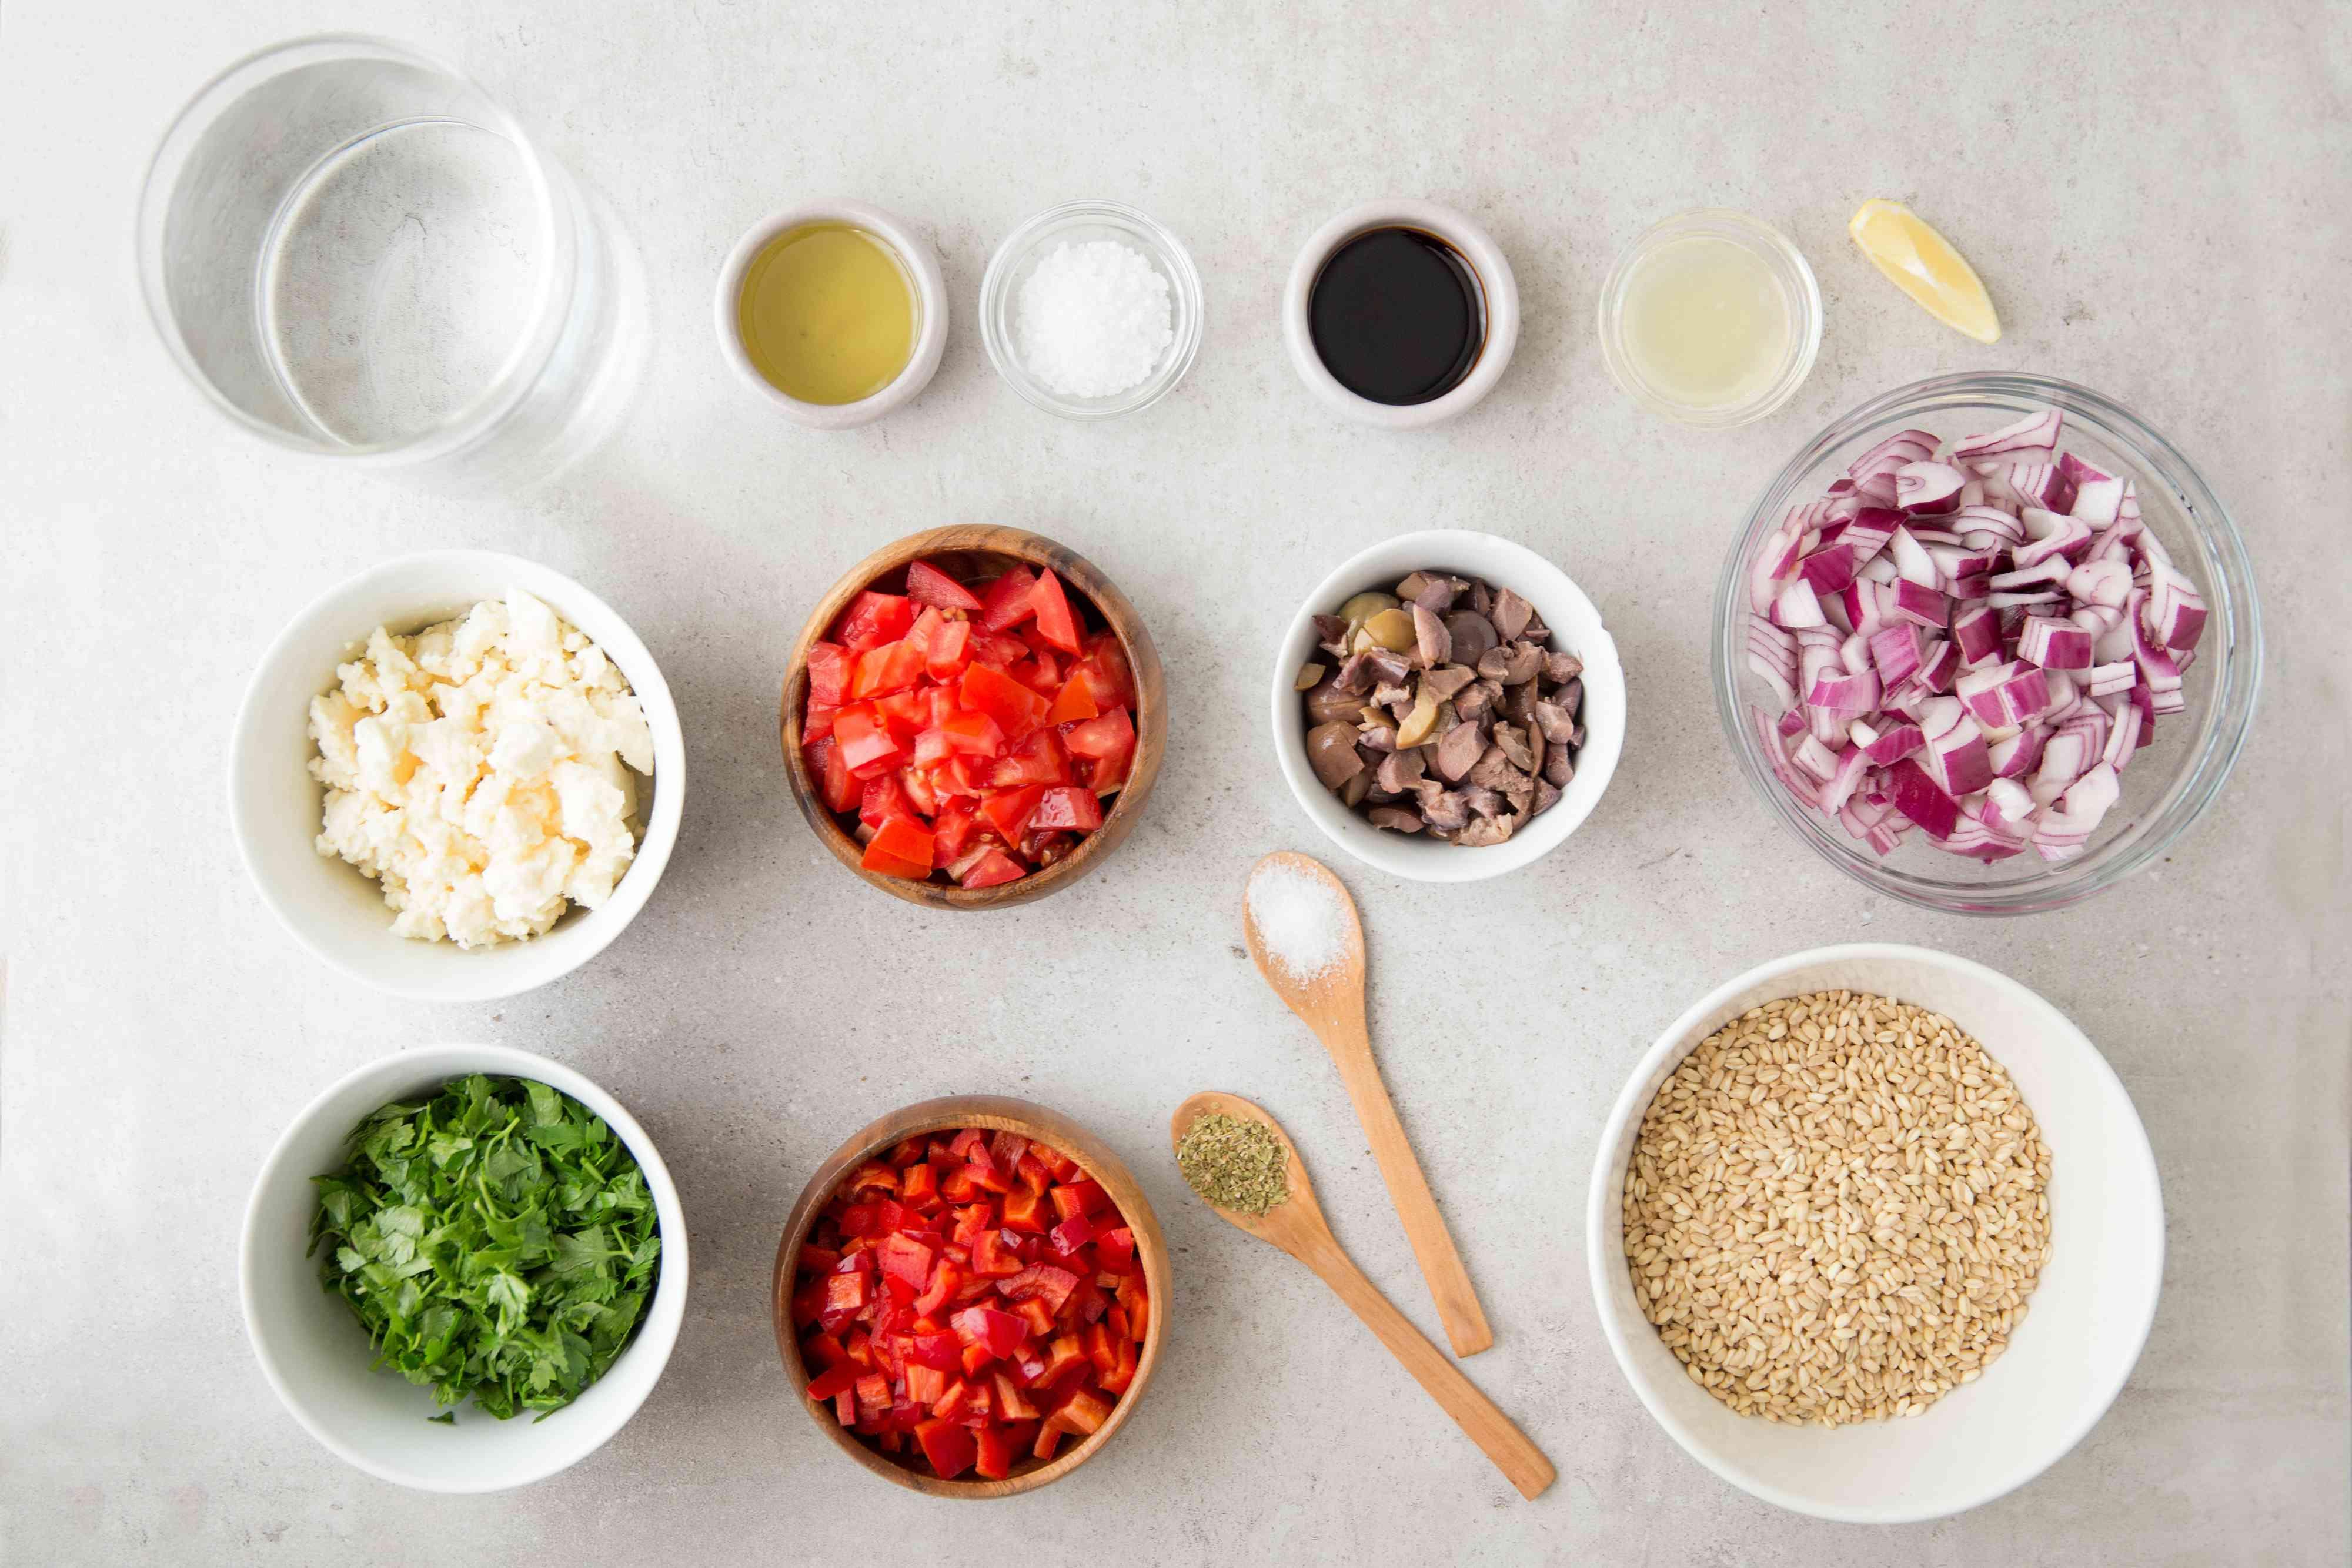 Ingredients for Greek style barley